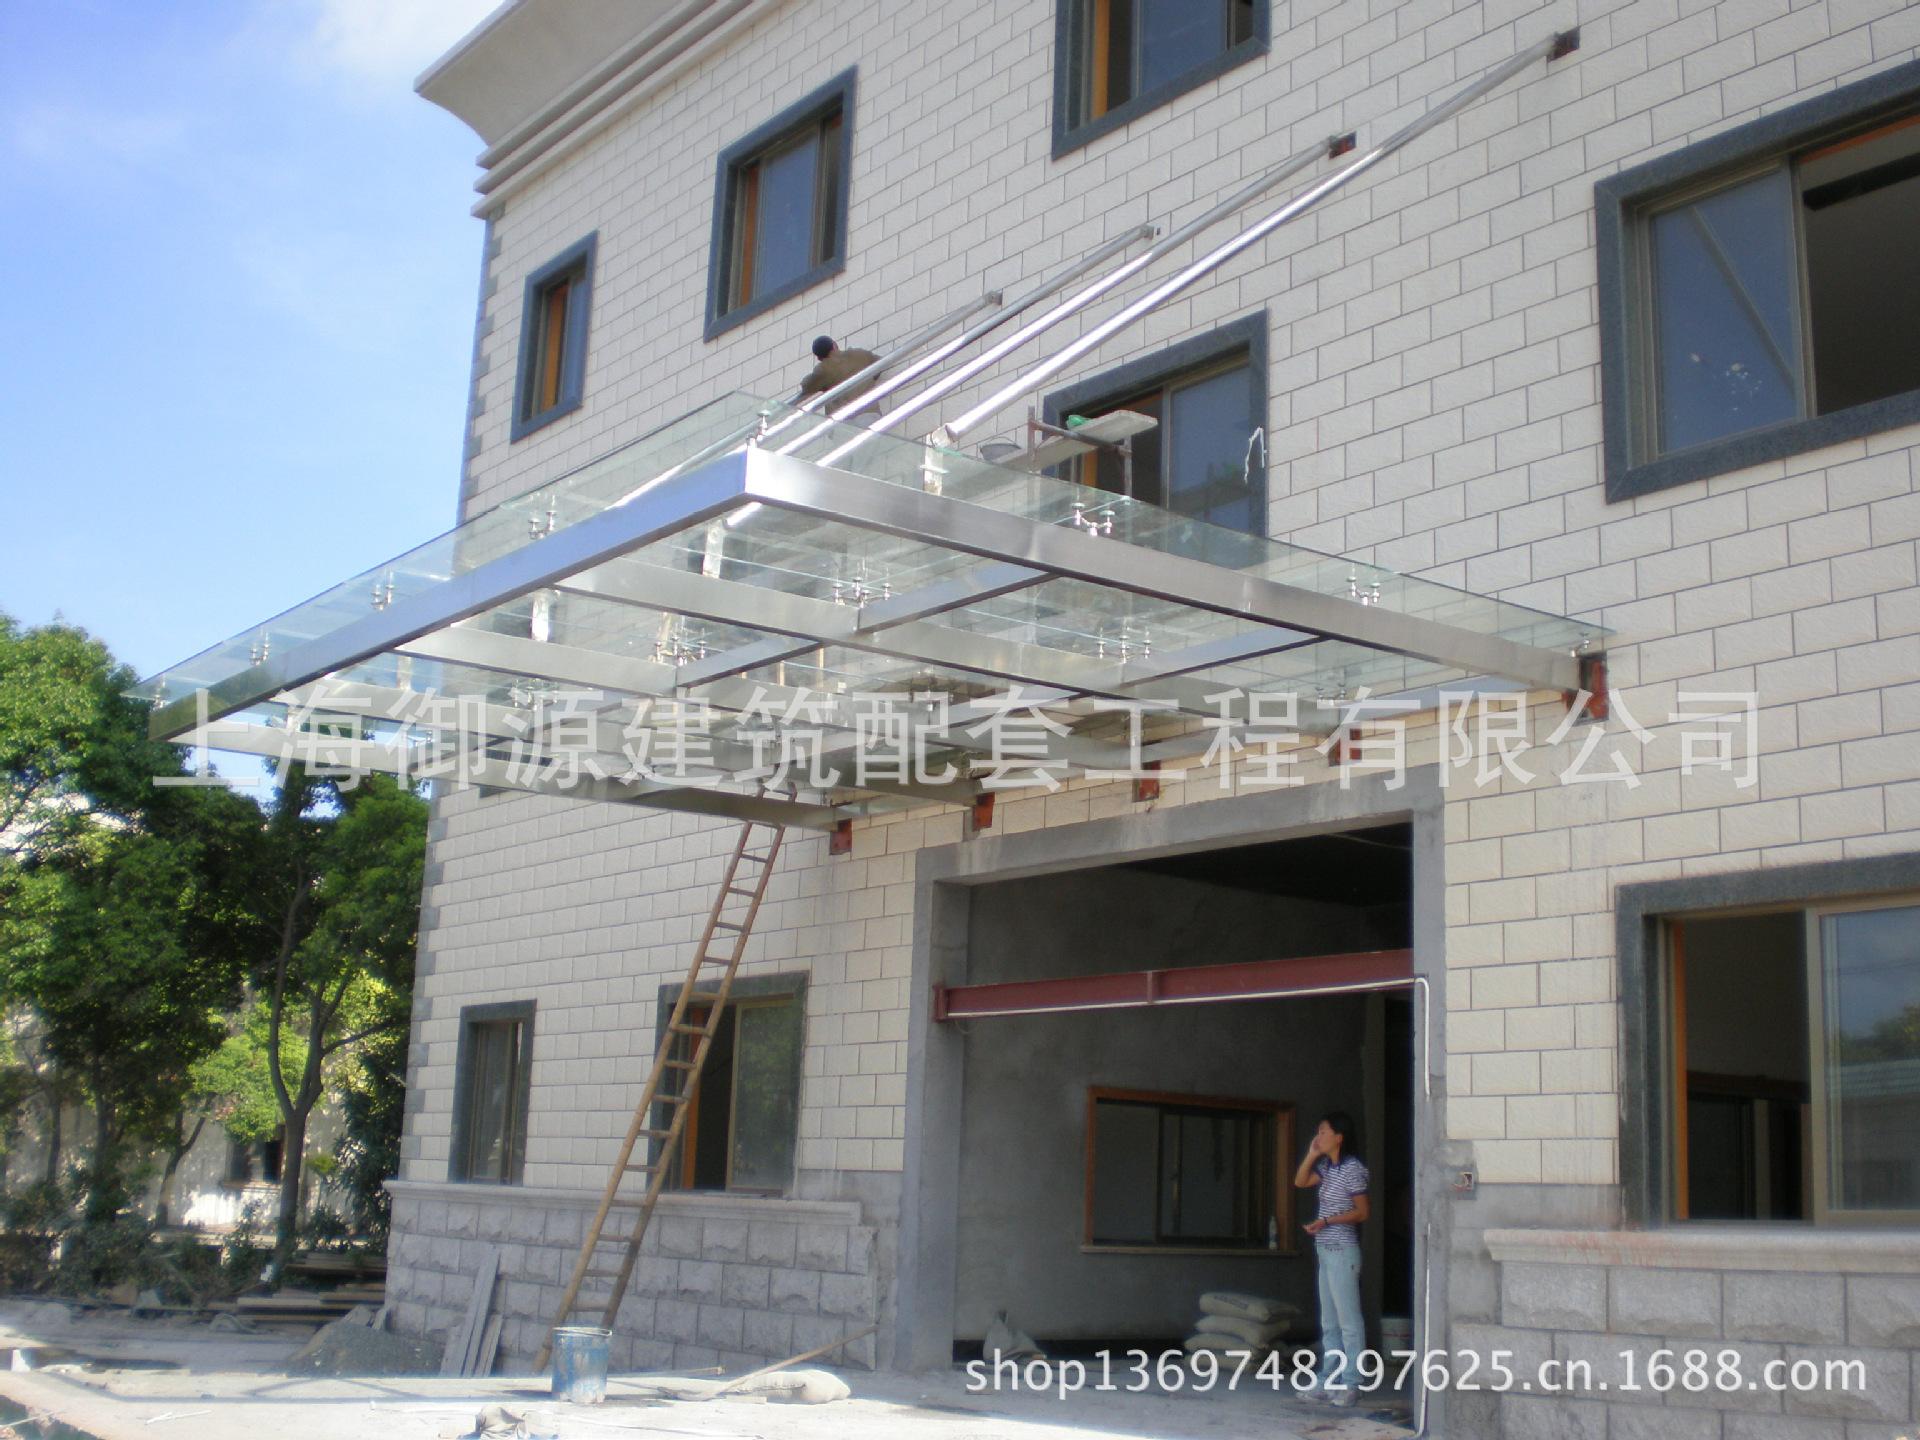 膜结构材料-上海御源钢膜结构工程有限公司